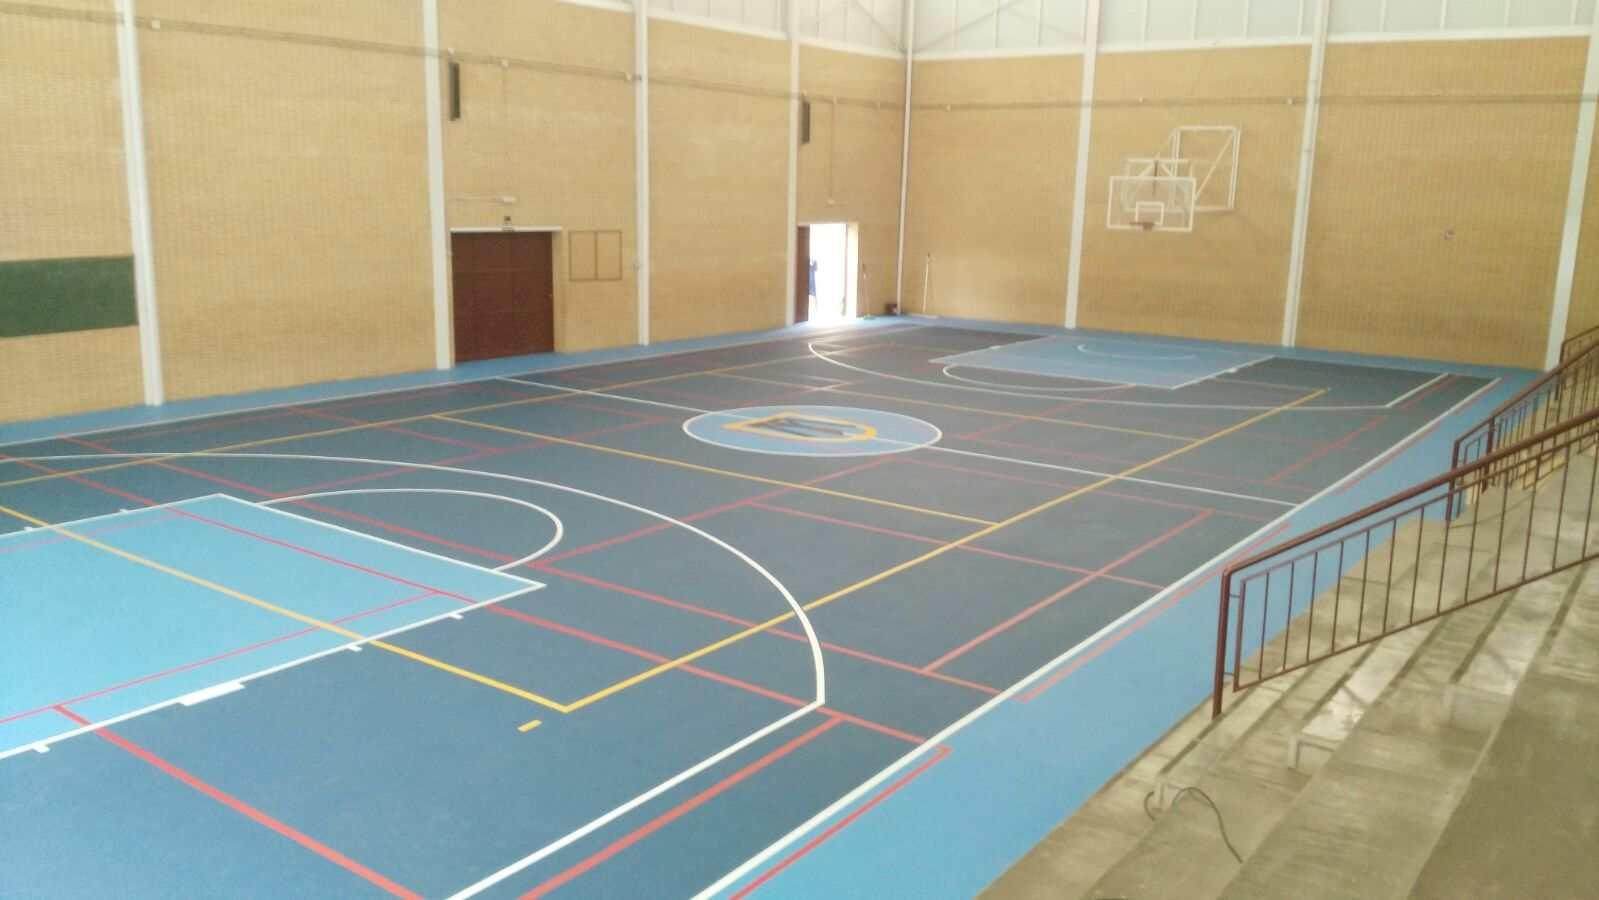 Reparación pista del Pabellón cubierto Colegio Franciscanas (Alicante)